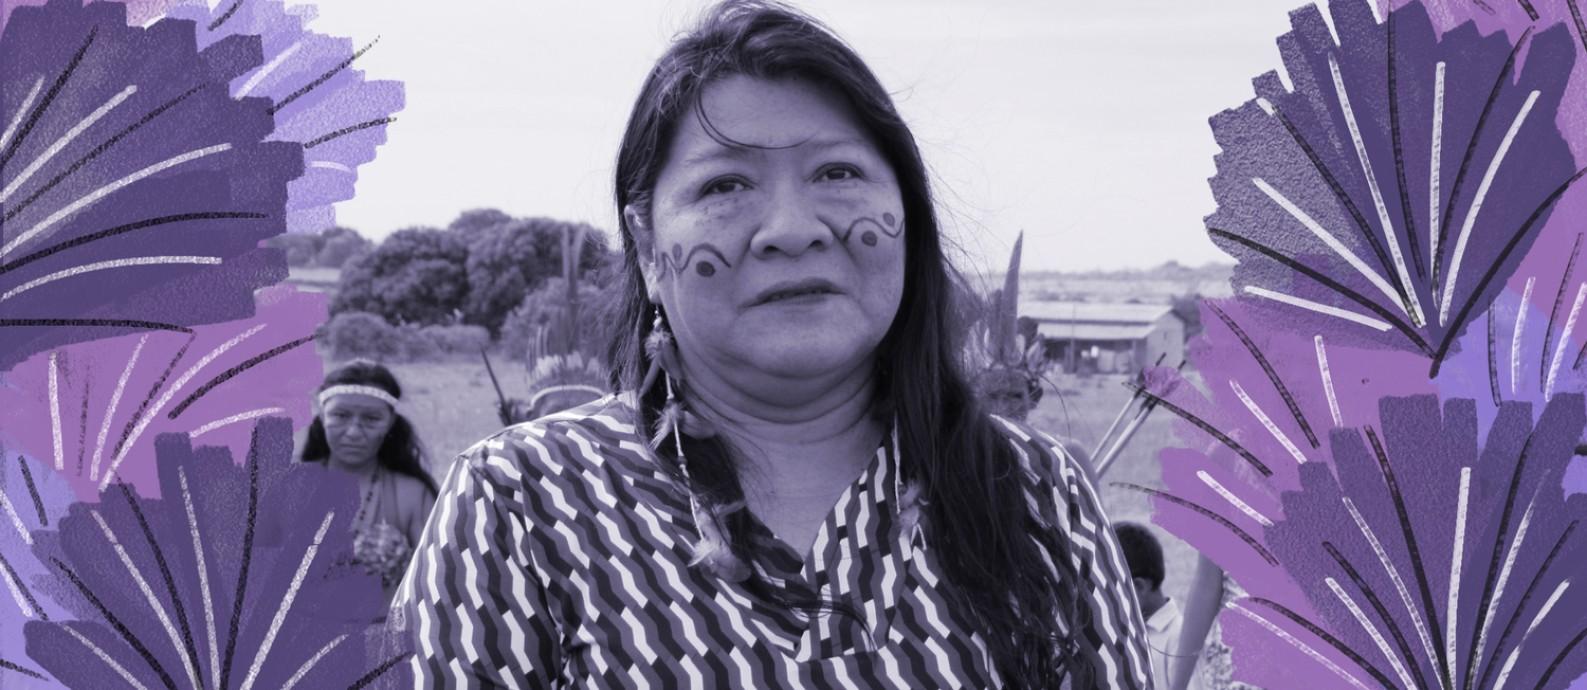 'Os povos indígenas enfrentam o pior momento da história desde a Constituiçãode 88', avalia a deputada federal Joênia Wapichana (Rede-RR) Foto: Mayra Wapichana/Divulgação